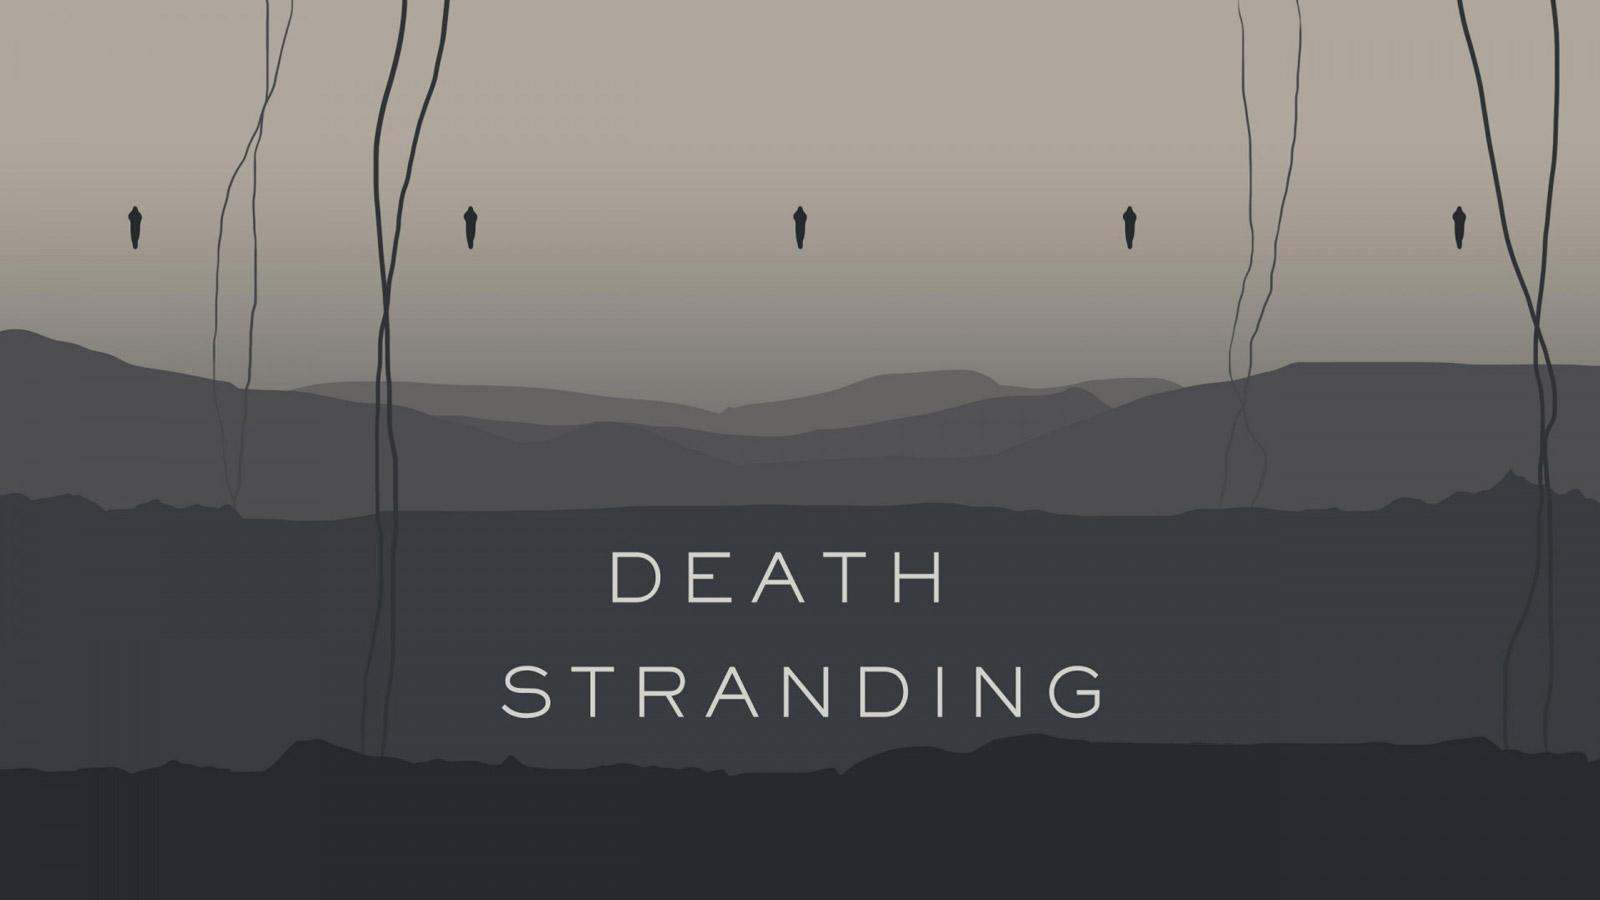 Free Death Stranding Wallpaper in 1600x900